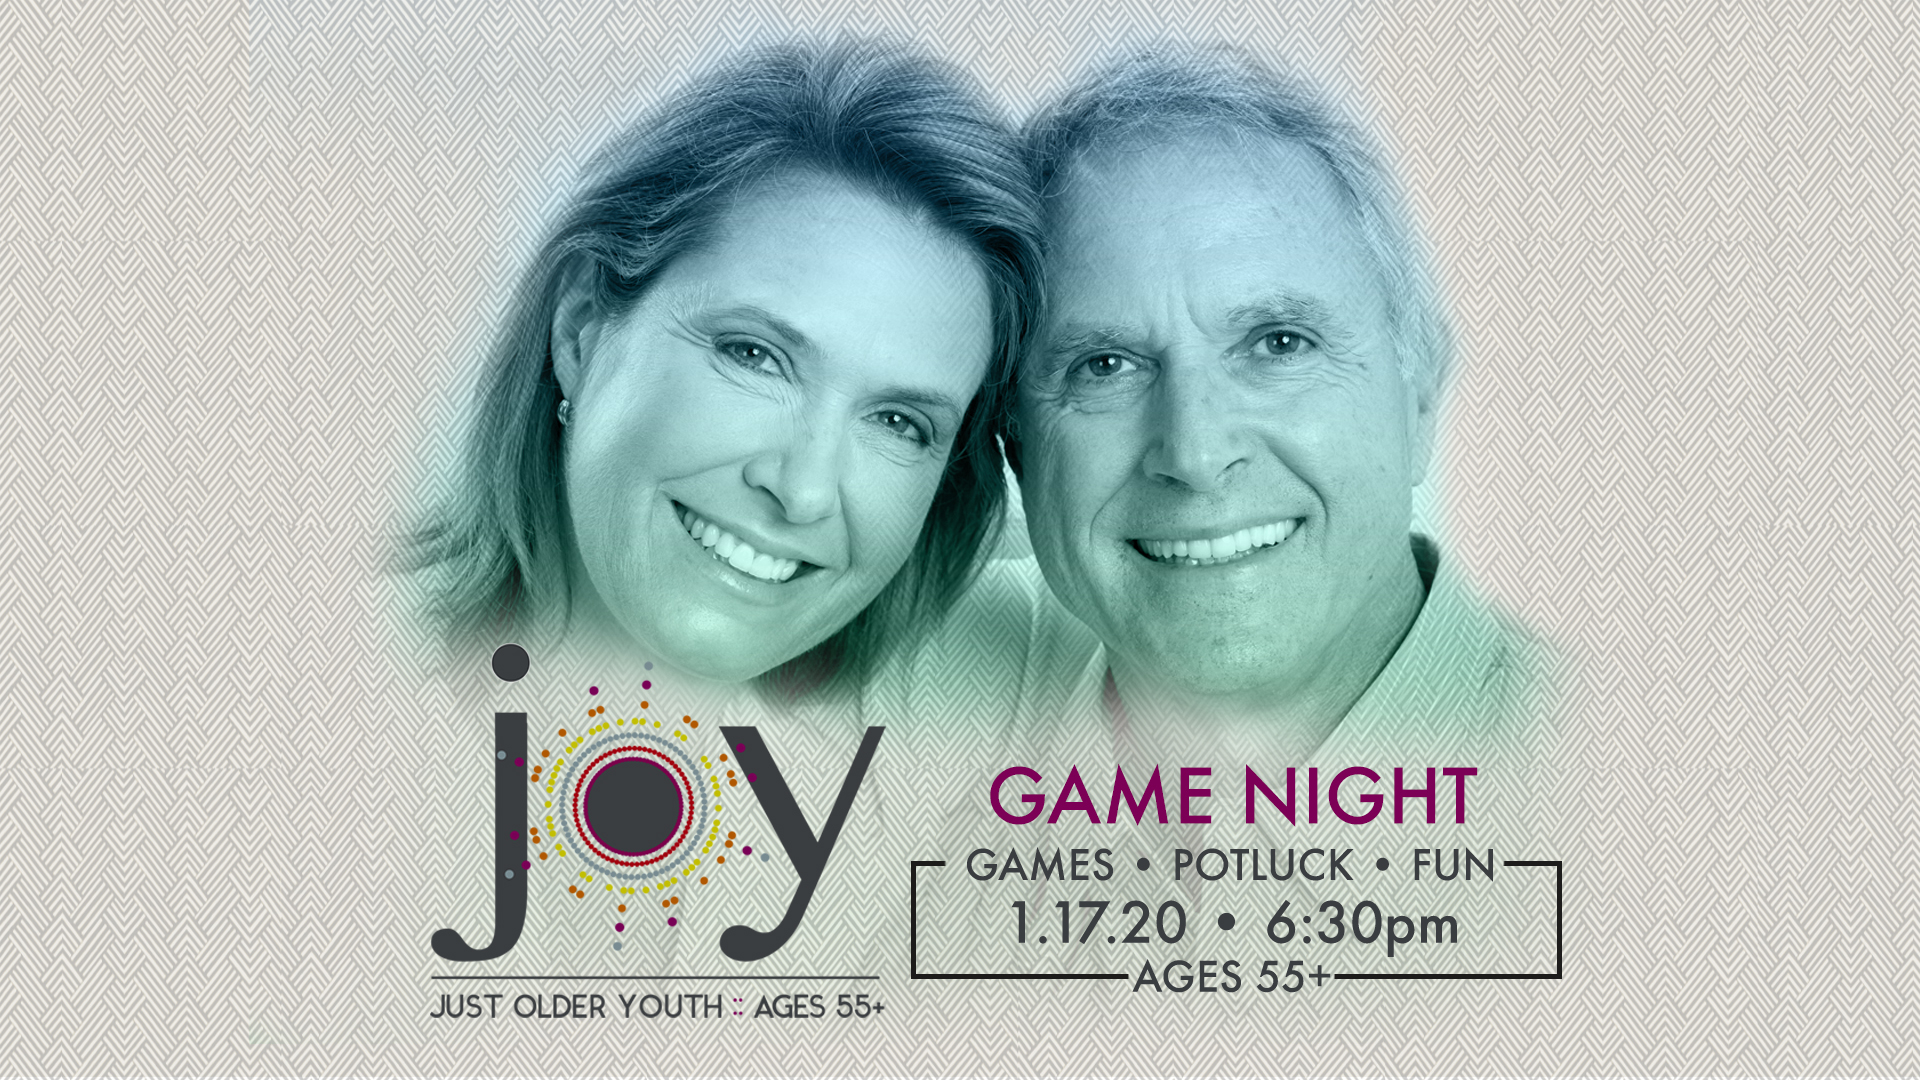 Joy Game Night